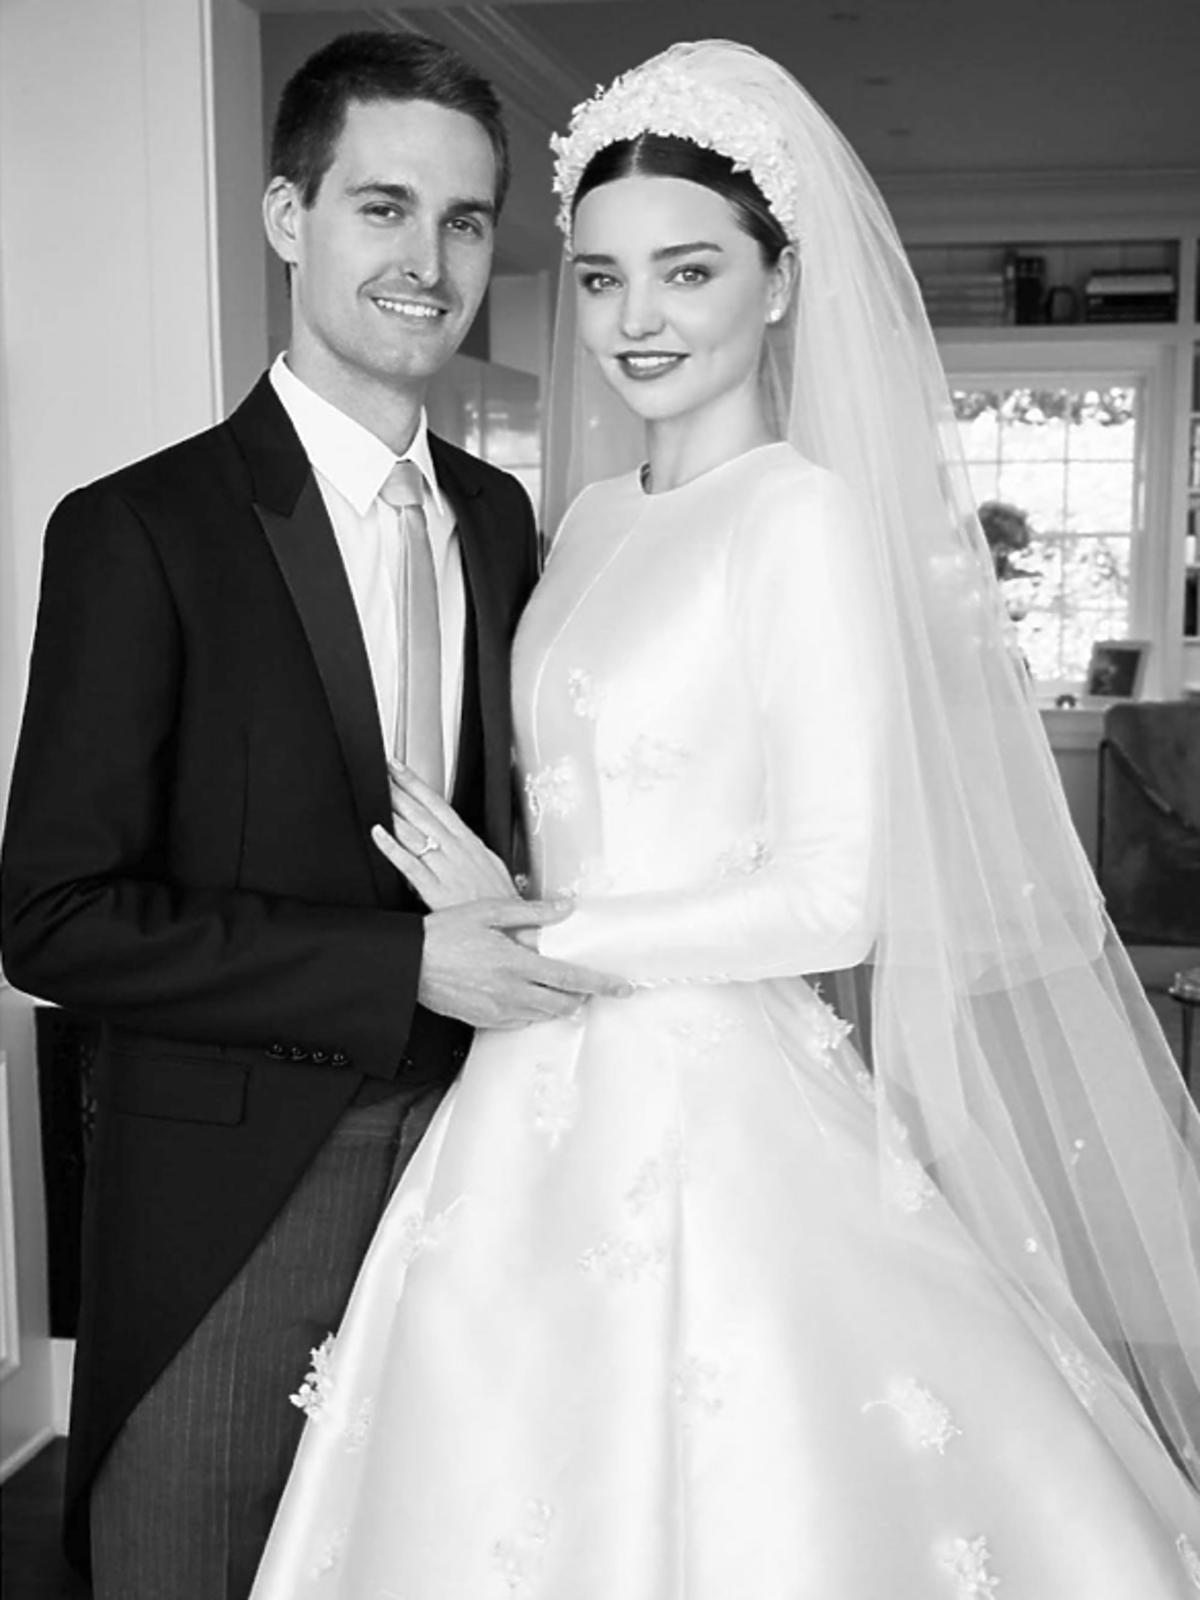 Ślub Mirandy Kerr i Evana Spiegela